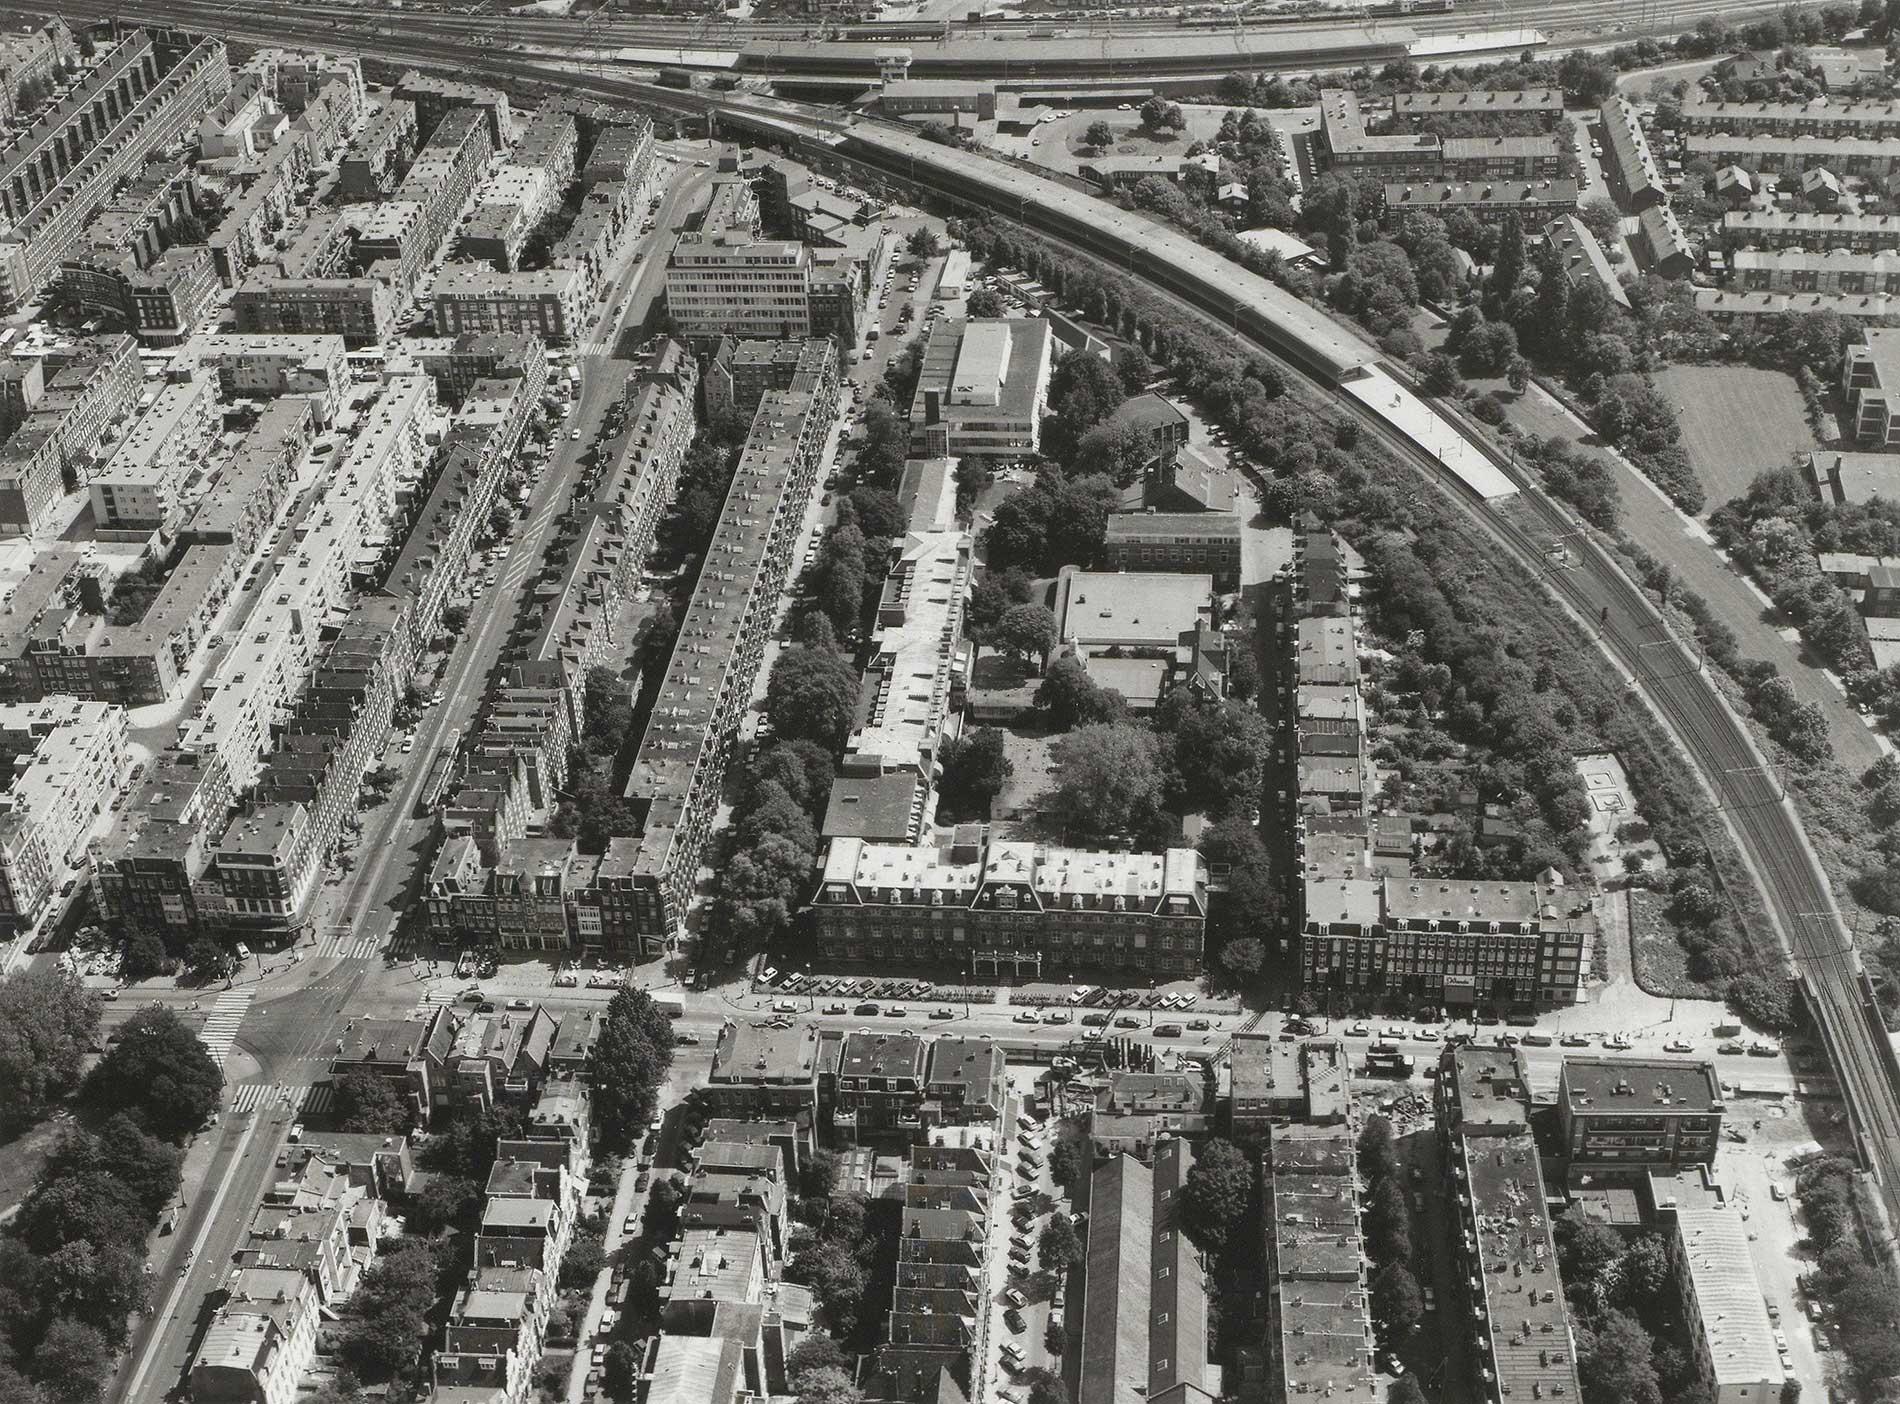 Luchtfoto gezien naar het Muiderpoortstation gezien in Oostelijke richting